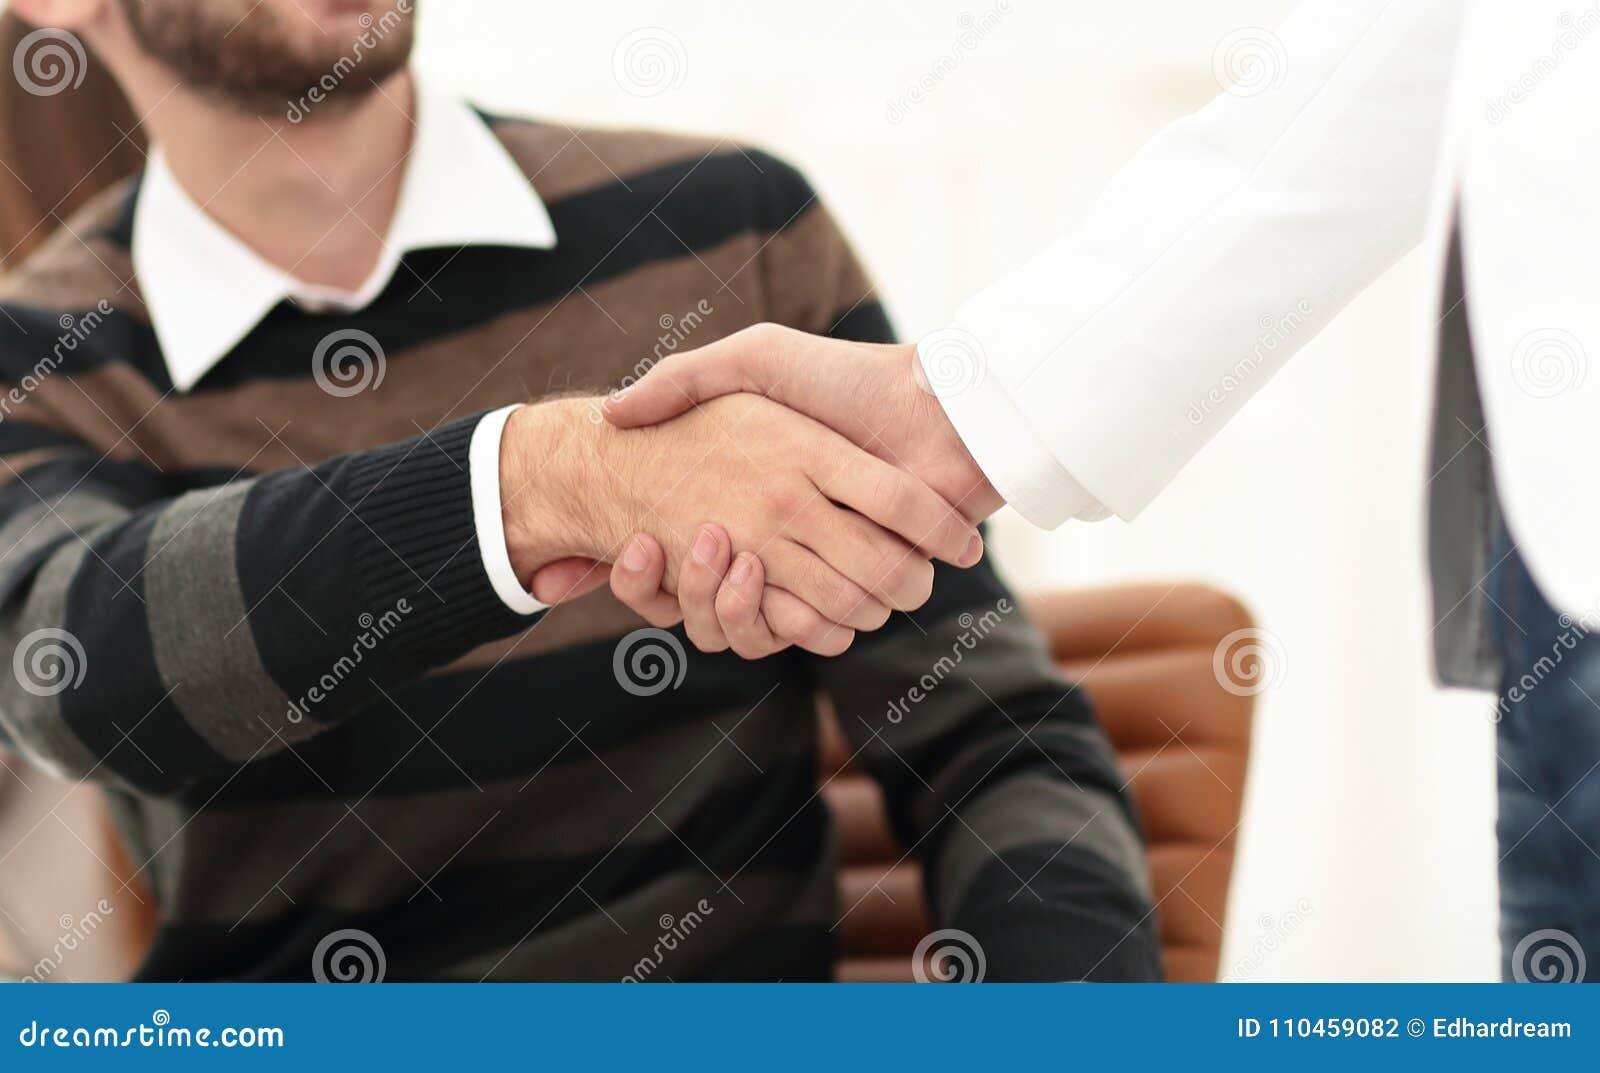 Handskakning mellan kollegor i arbetsplatsen